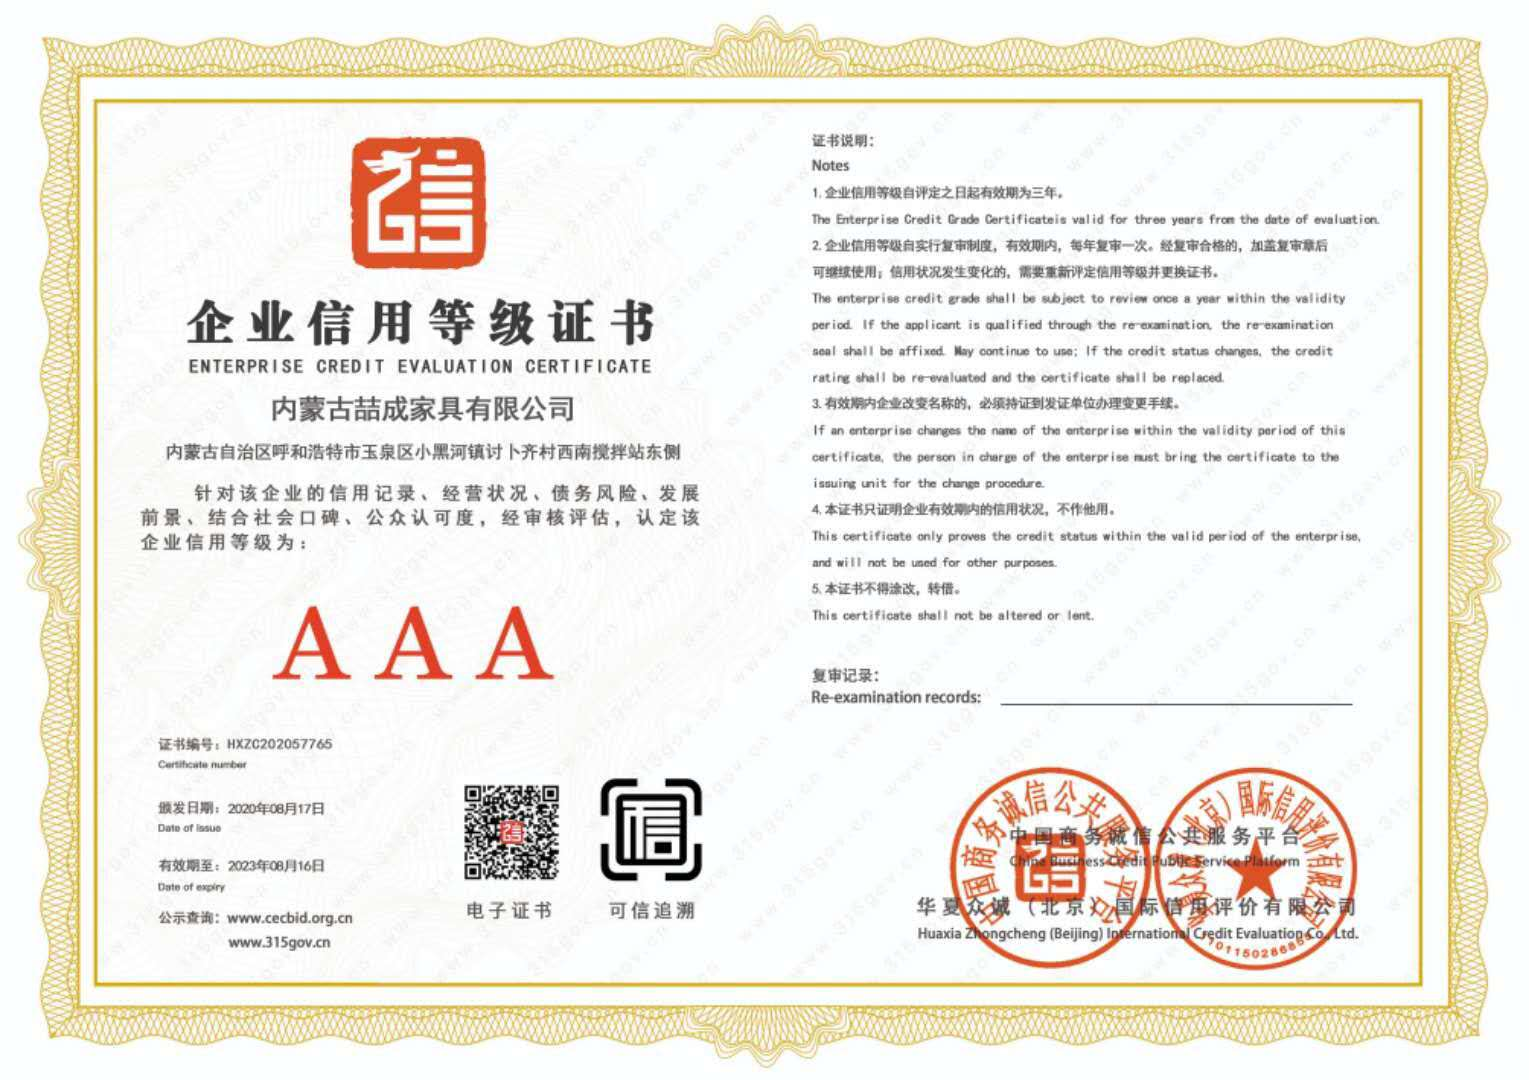 企业信用评级认证-3AAA